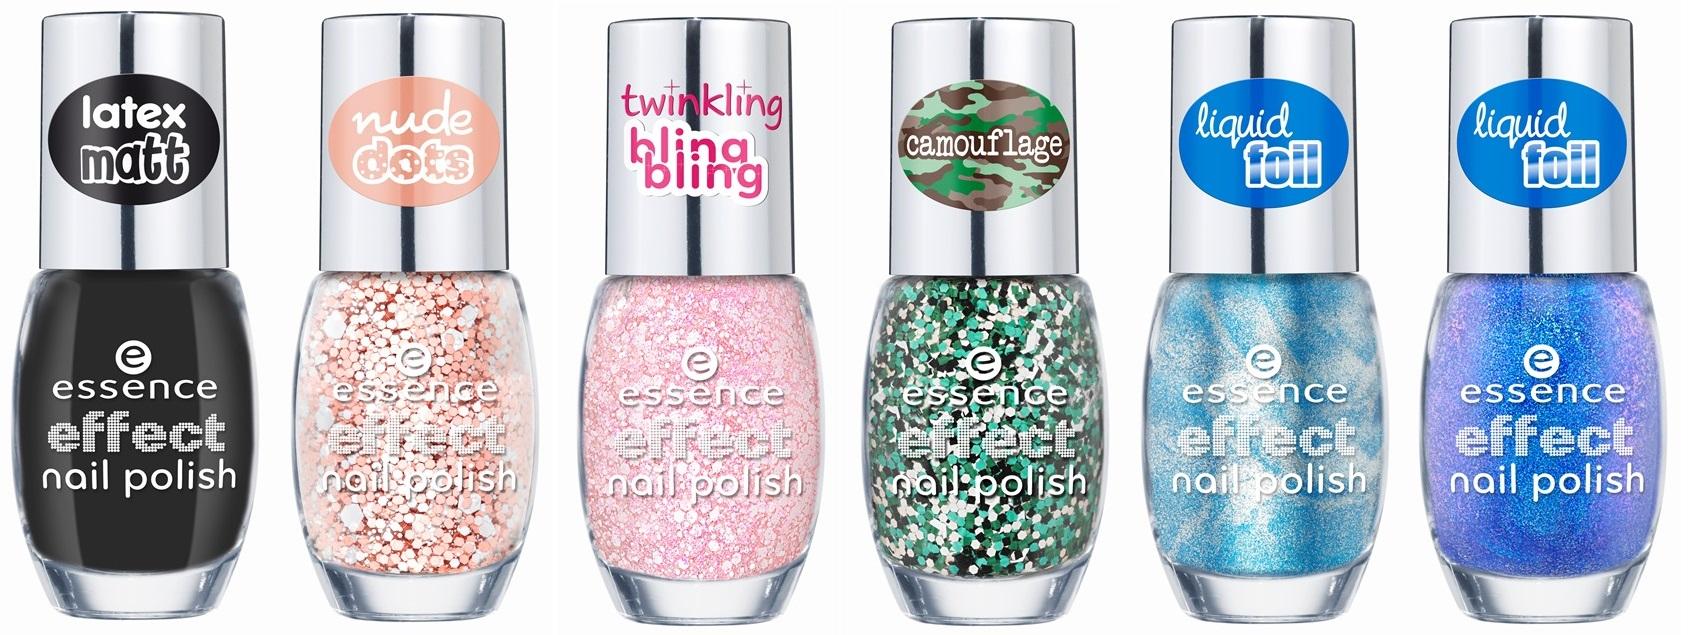 Essence nagellak 1 - Nieuwe Collectie Essence & Catrice Voorjaar 2015